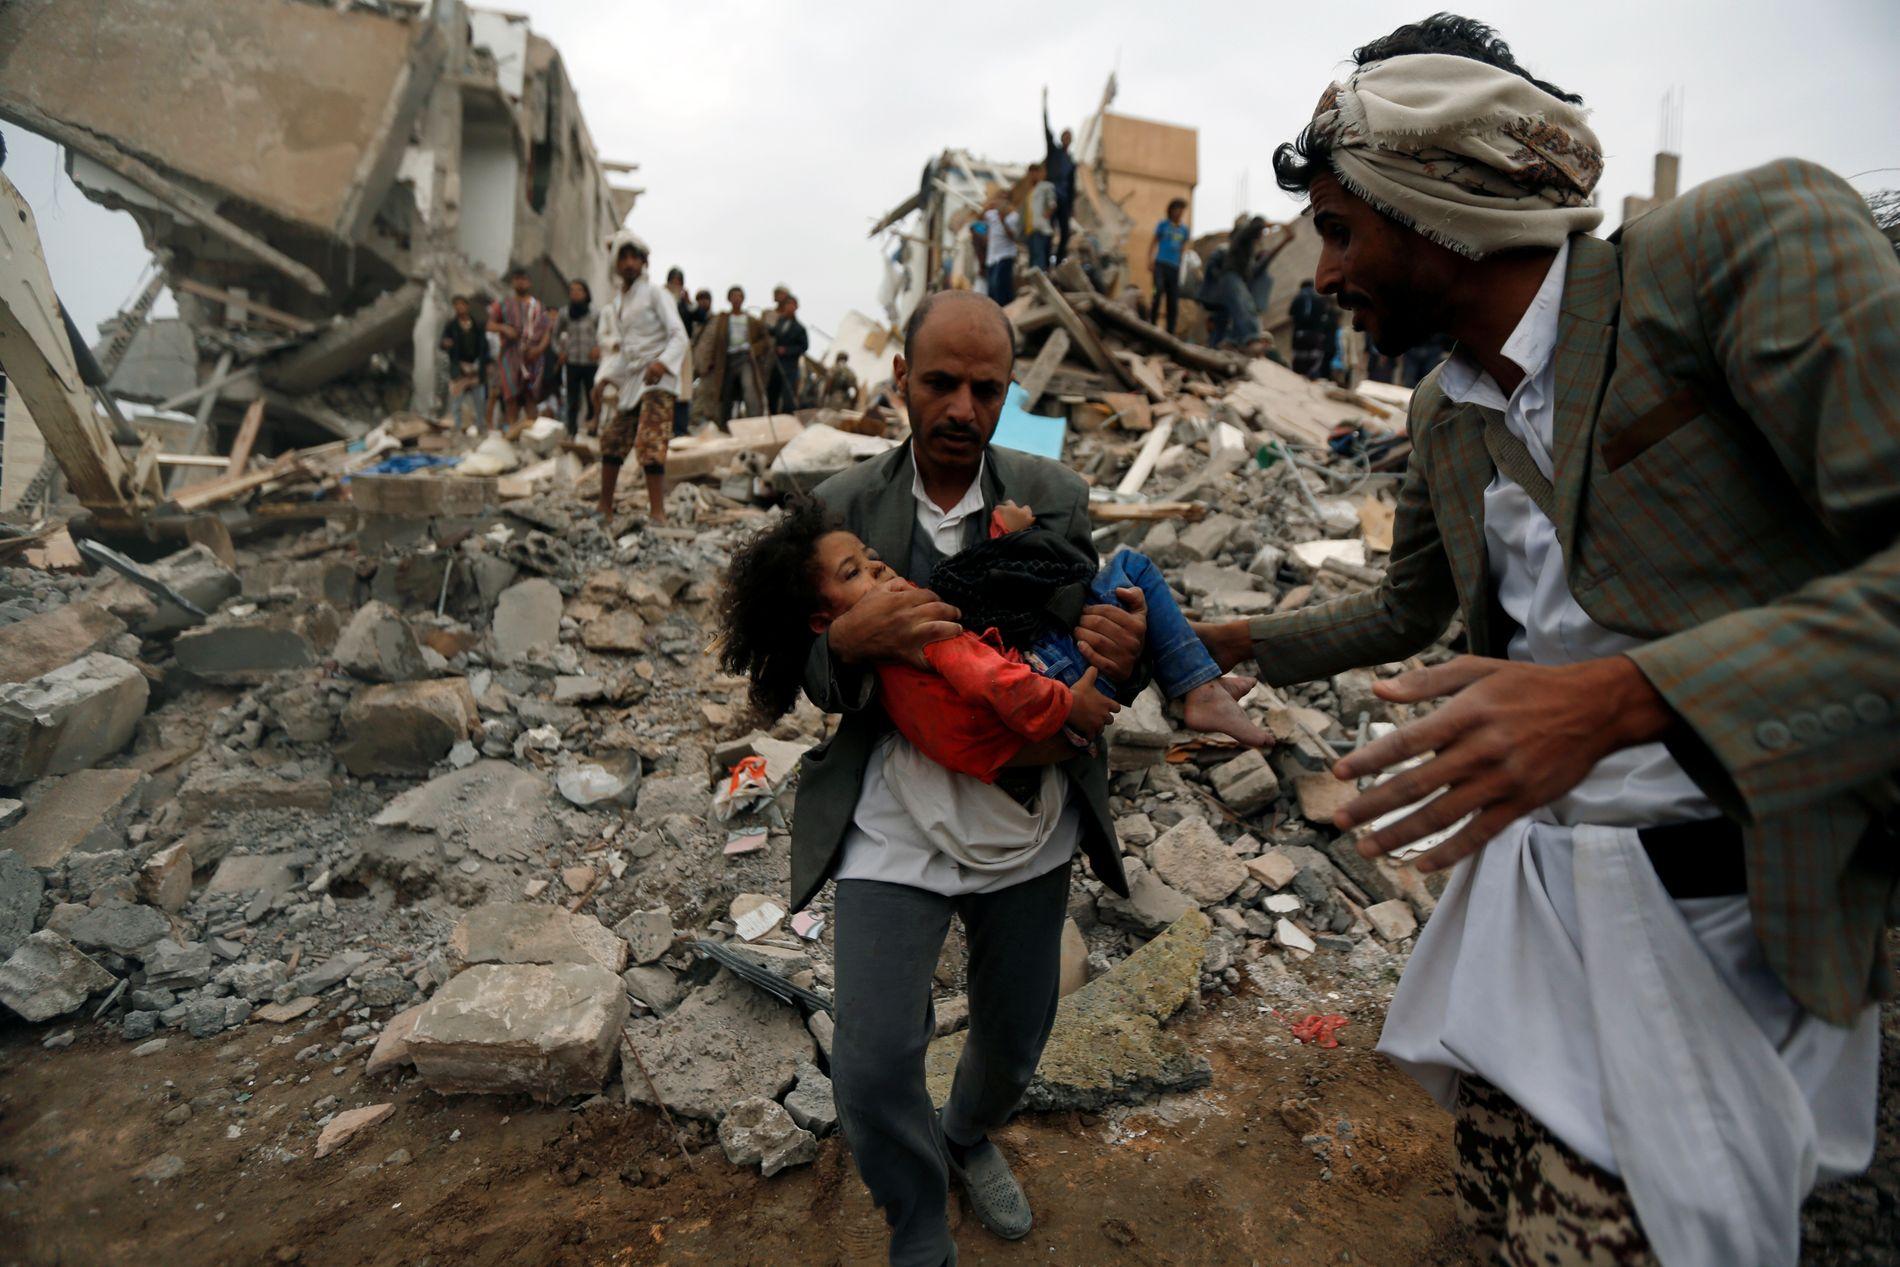 ANGREPET: En jente bæres bort fra en utbombet bygning i Sanaa i august 2017. Åtte av hennes familiemedlemmer døde.